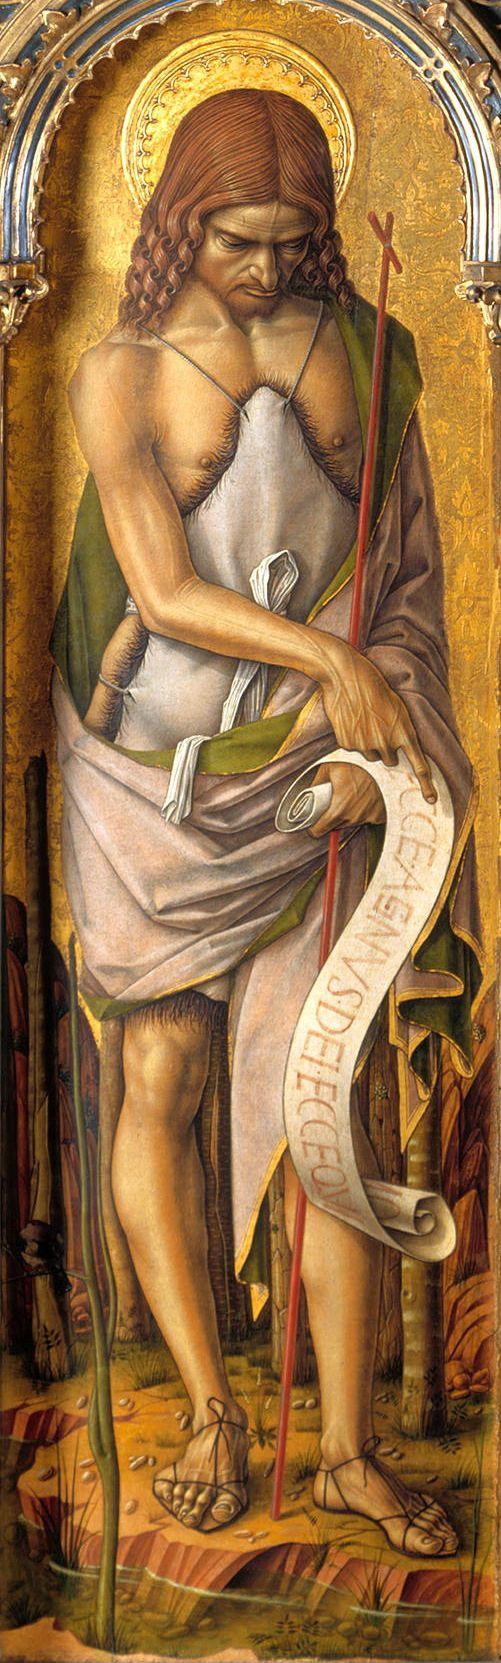 Carlo Crivelli-San Giovanni Battista, 138x40 cm,pannello registro inferiore dello smembrato Polittico di san Domenico,National gallery,Londra